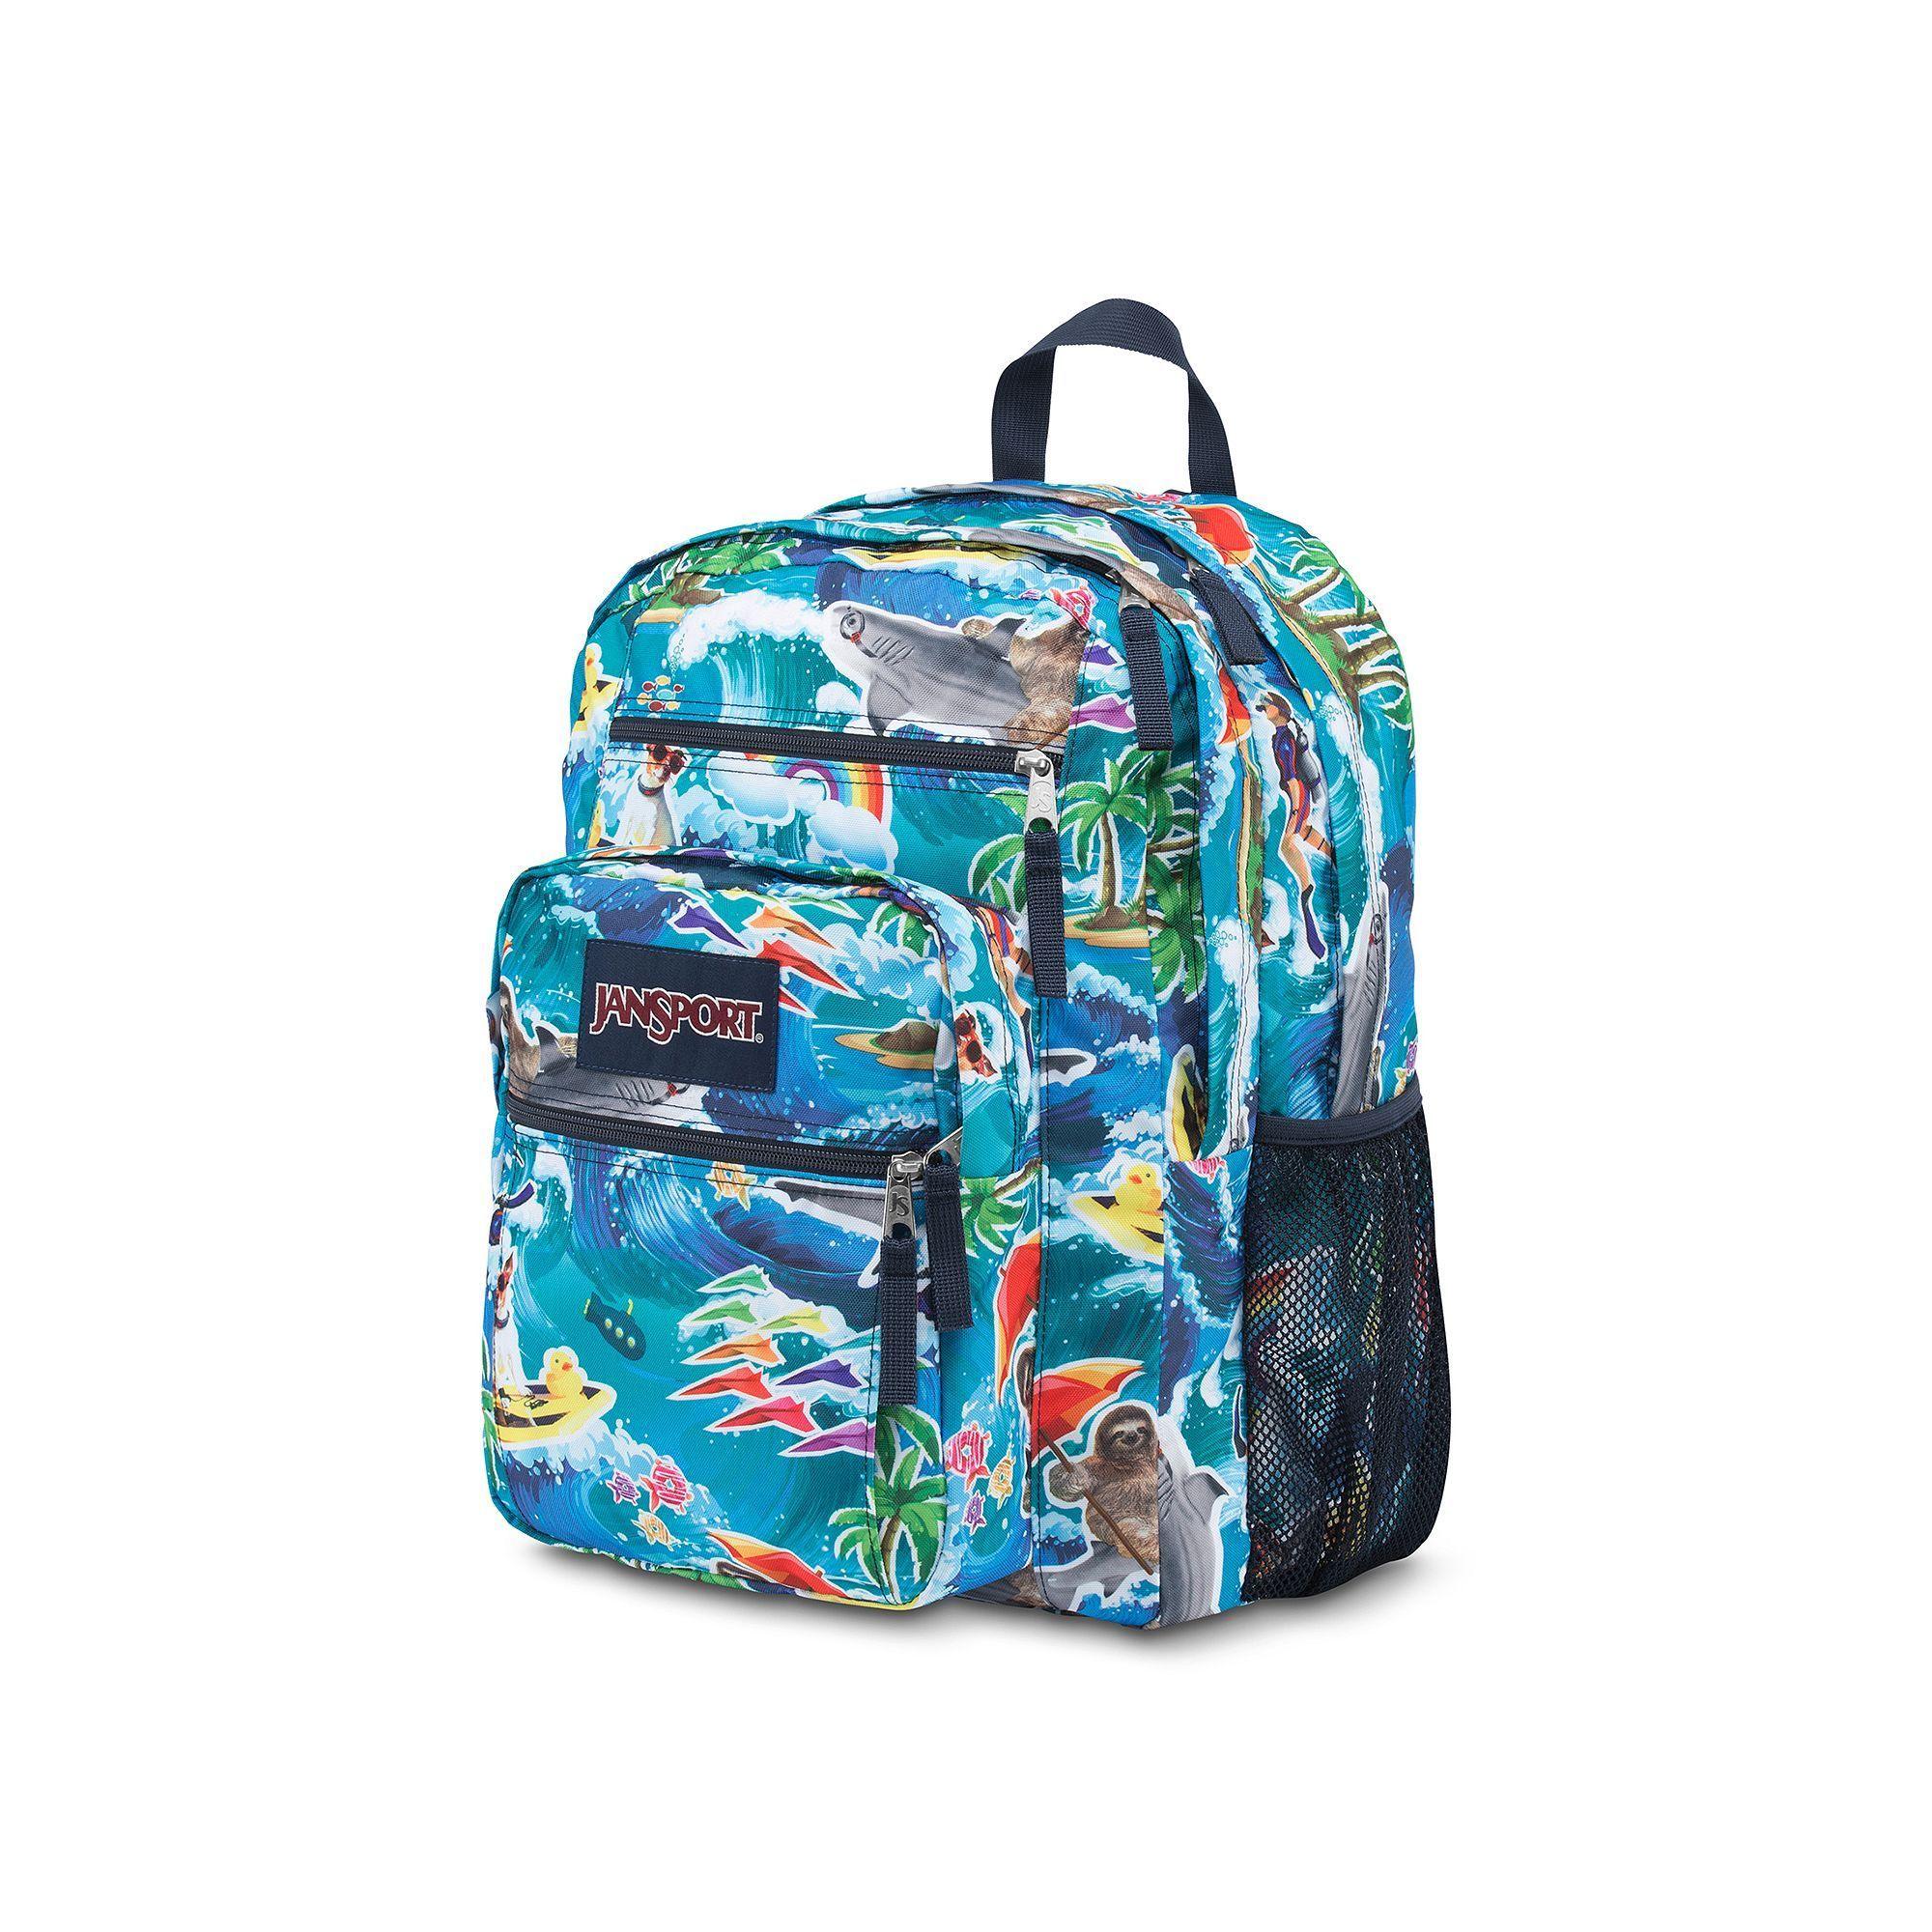 721b696e2eb JanSport Big Student Backpack